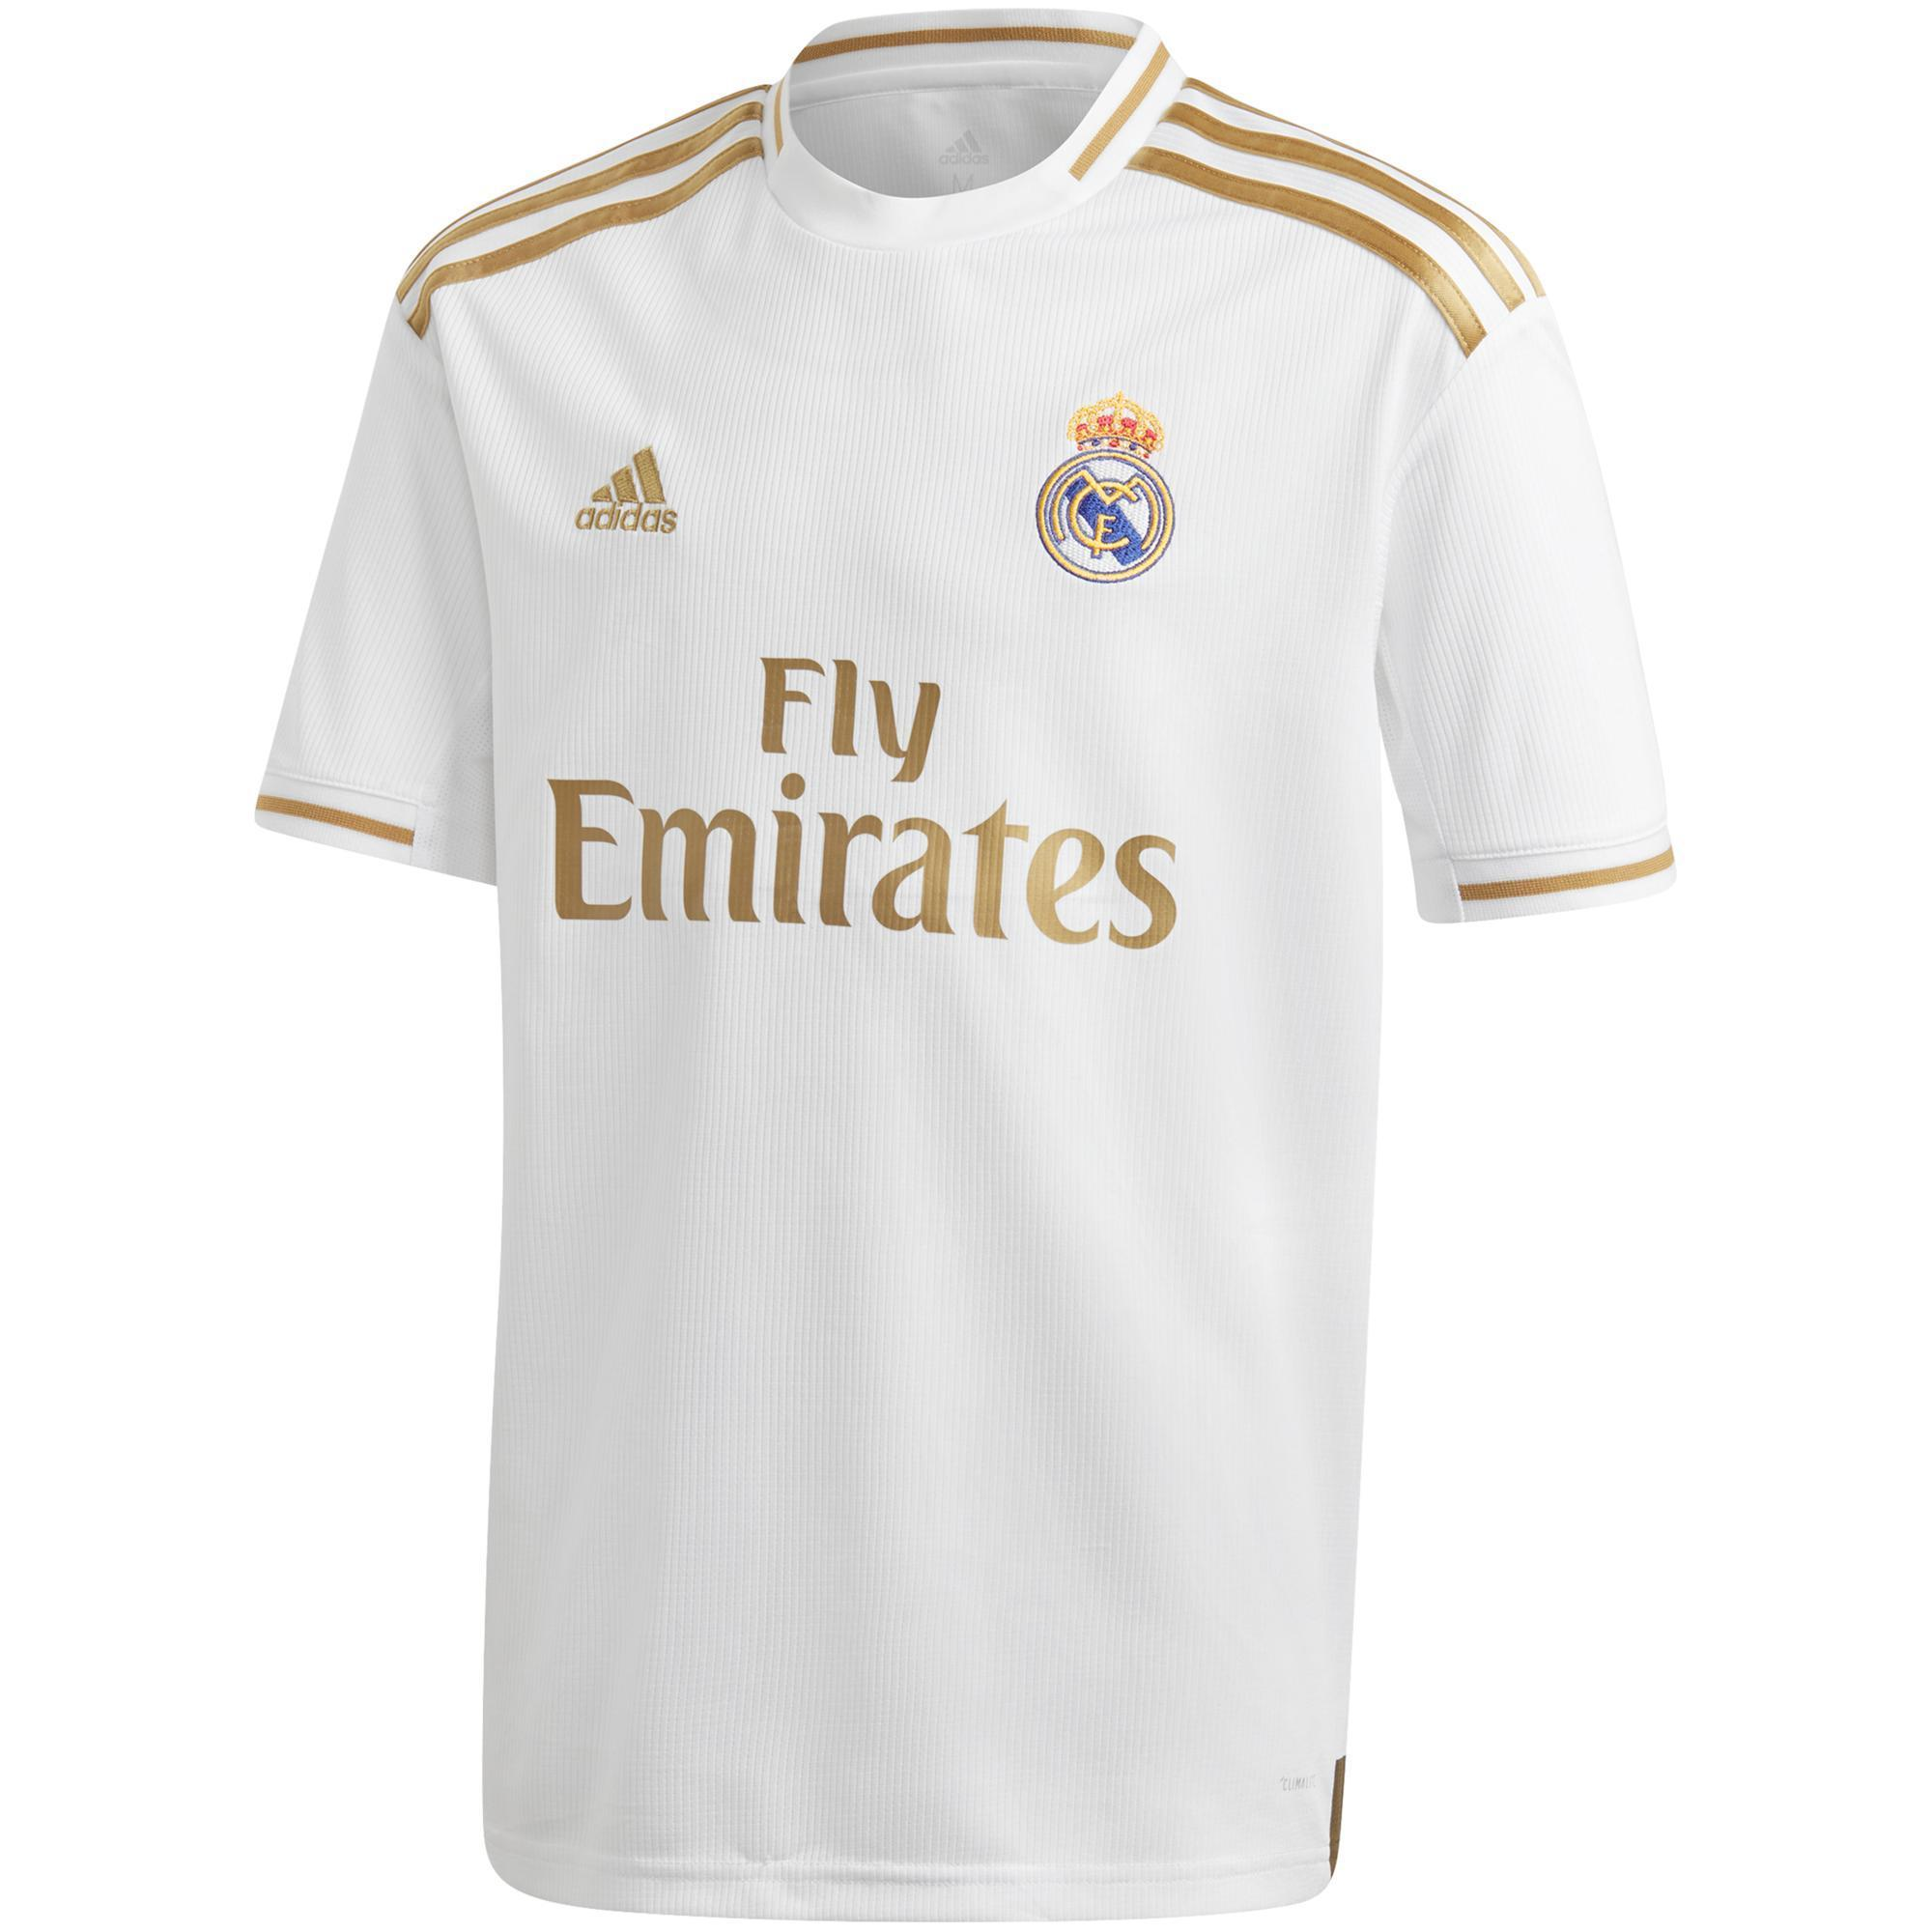 a08399d3eaa Equipación y Camisetas Oficiales Real Madrid 18/19 | Decathlon